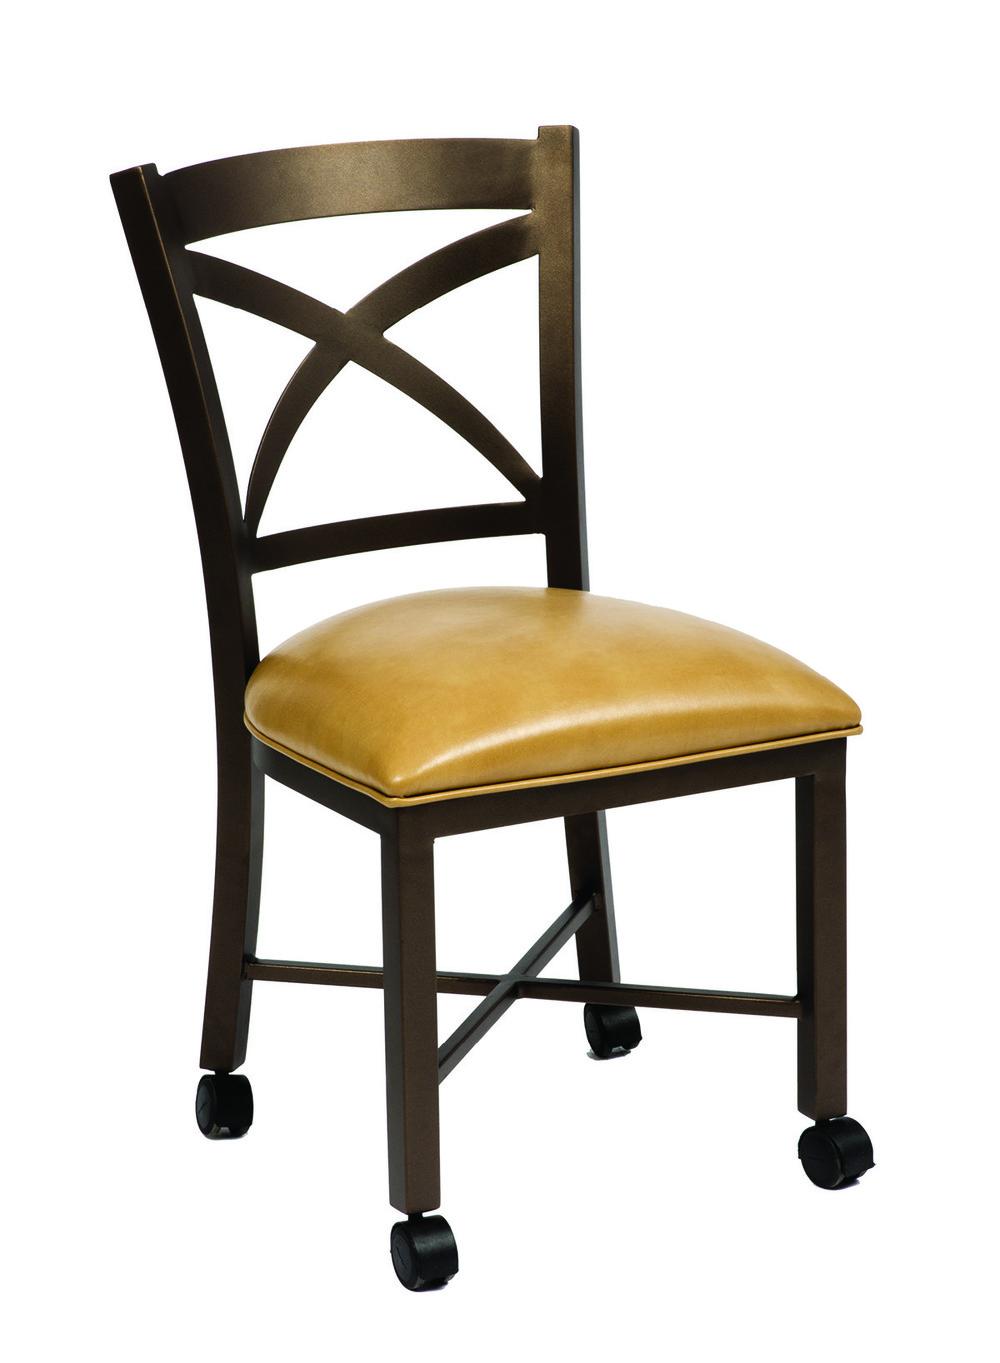 Wesley Allen - Chair